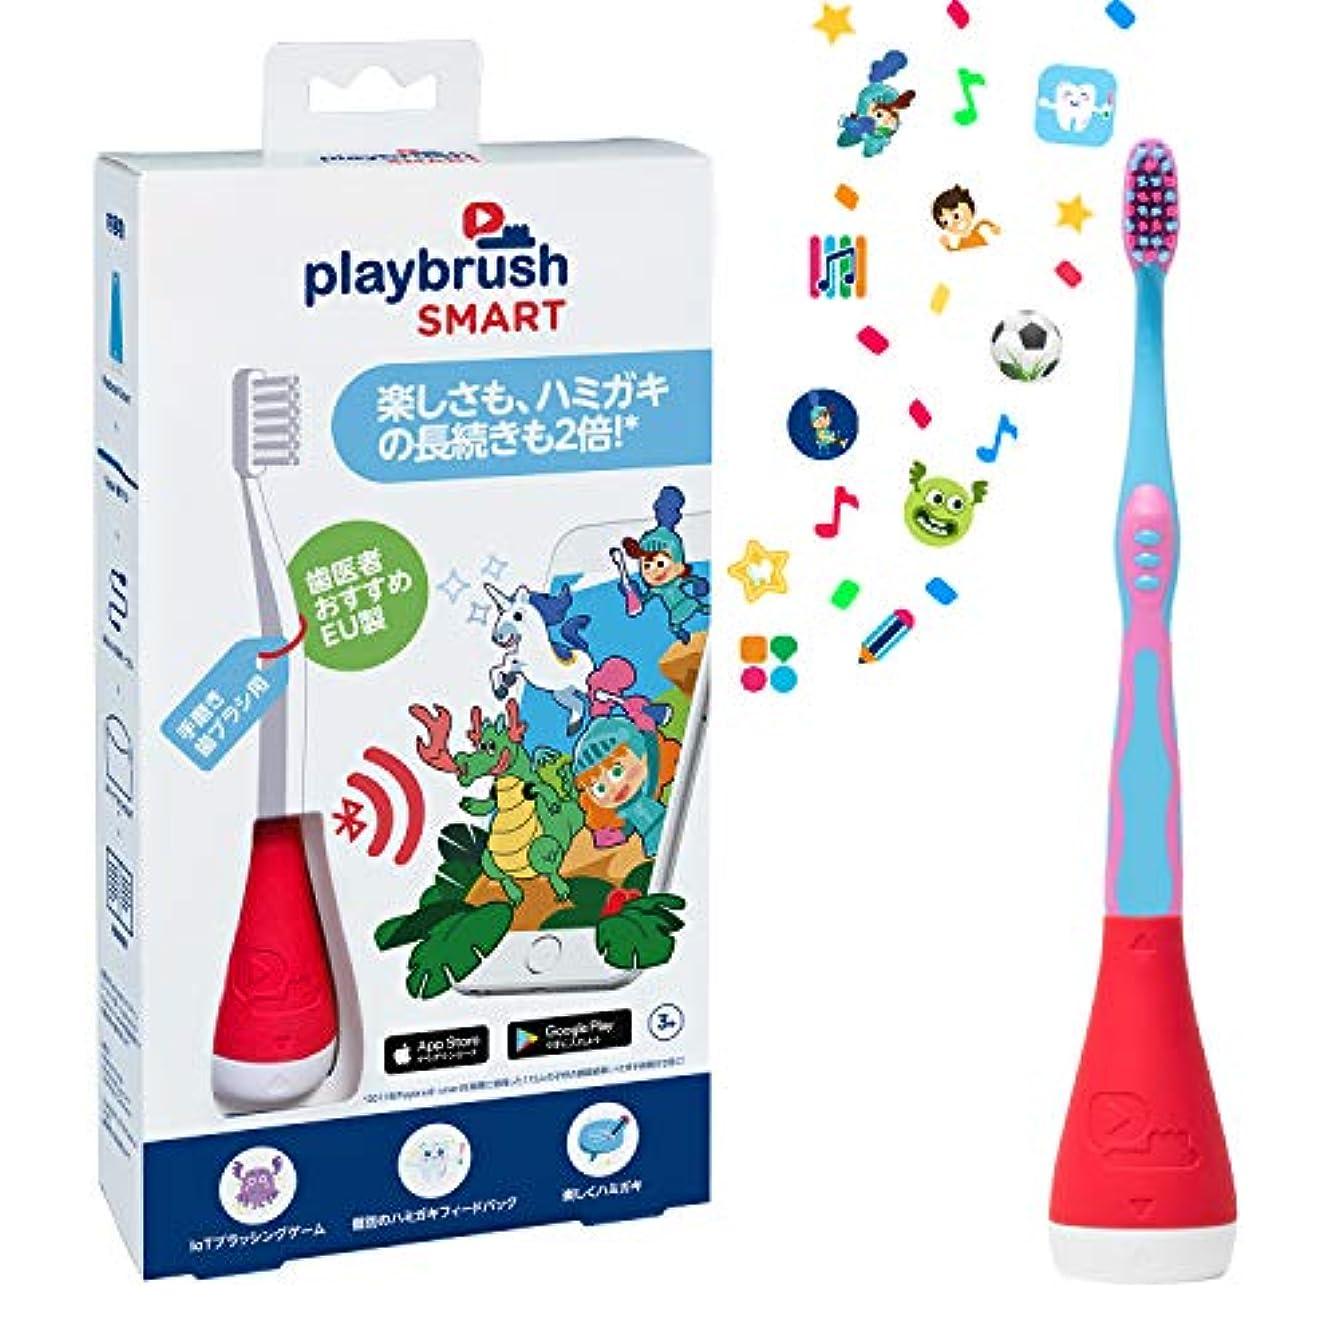 凍る厳マーチャンダイザー【ヨーロッパで開発されたゲームができる子供用歯ブラシ】プレイブラッシュ スマート レッド◇ 普段の歯ブラシに取り付けるだけ◇ Playbrush Smart Red